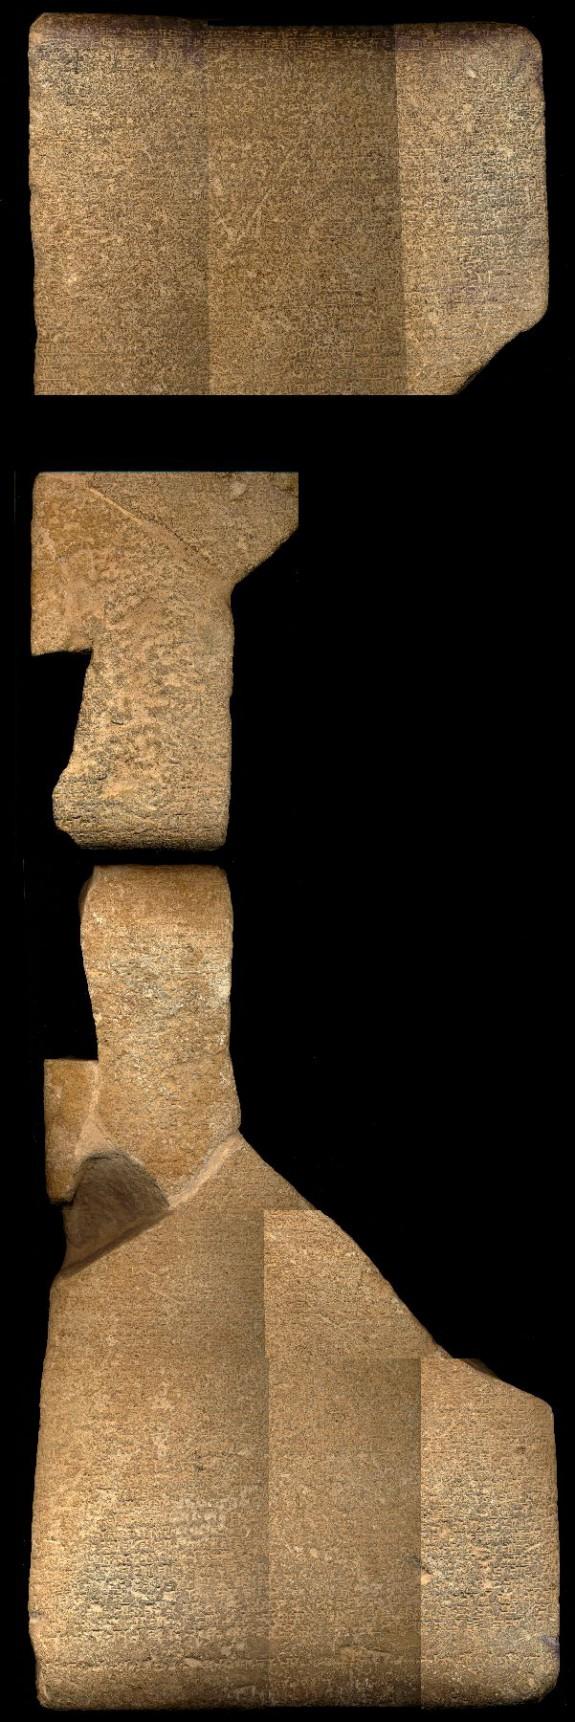 Copy of Victory Stele Inscription